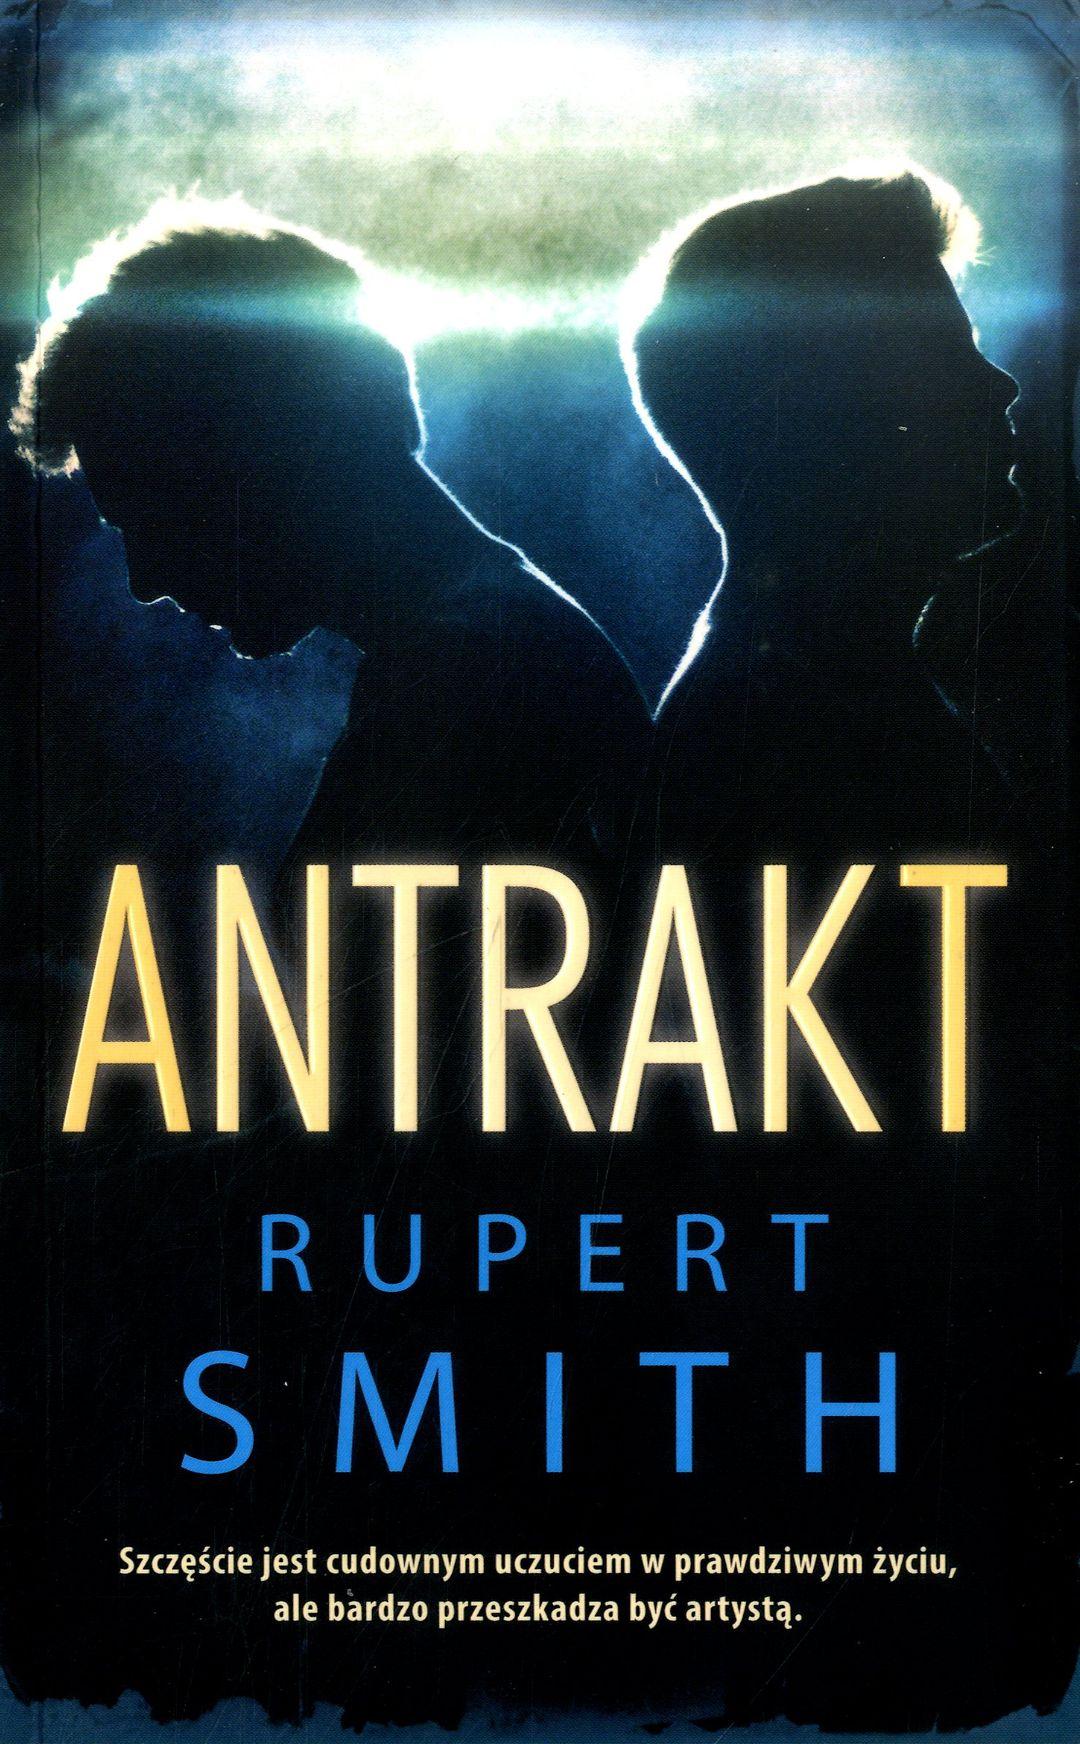 Smith Rupert – Antrakt